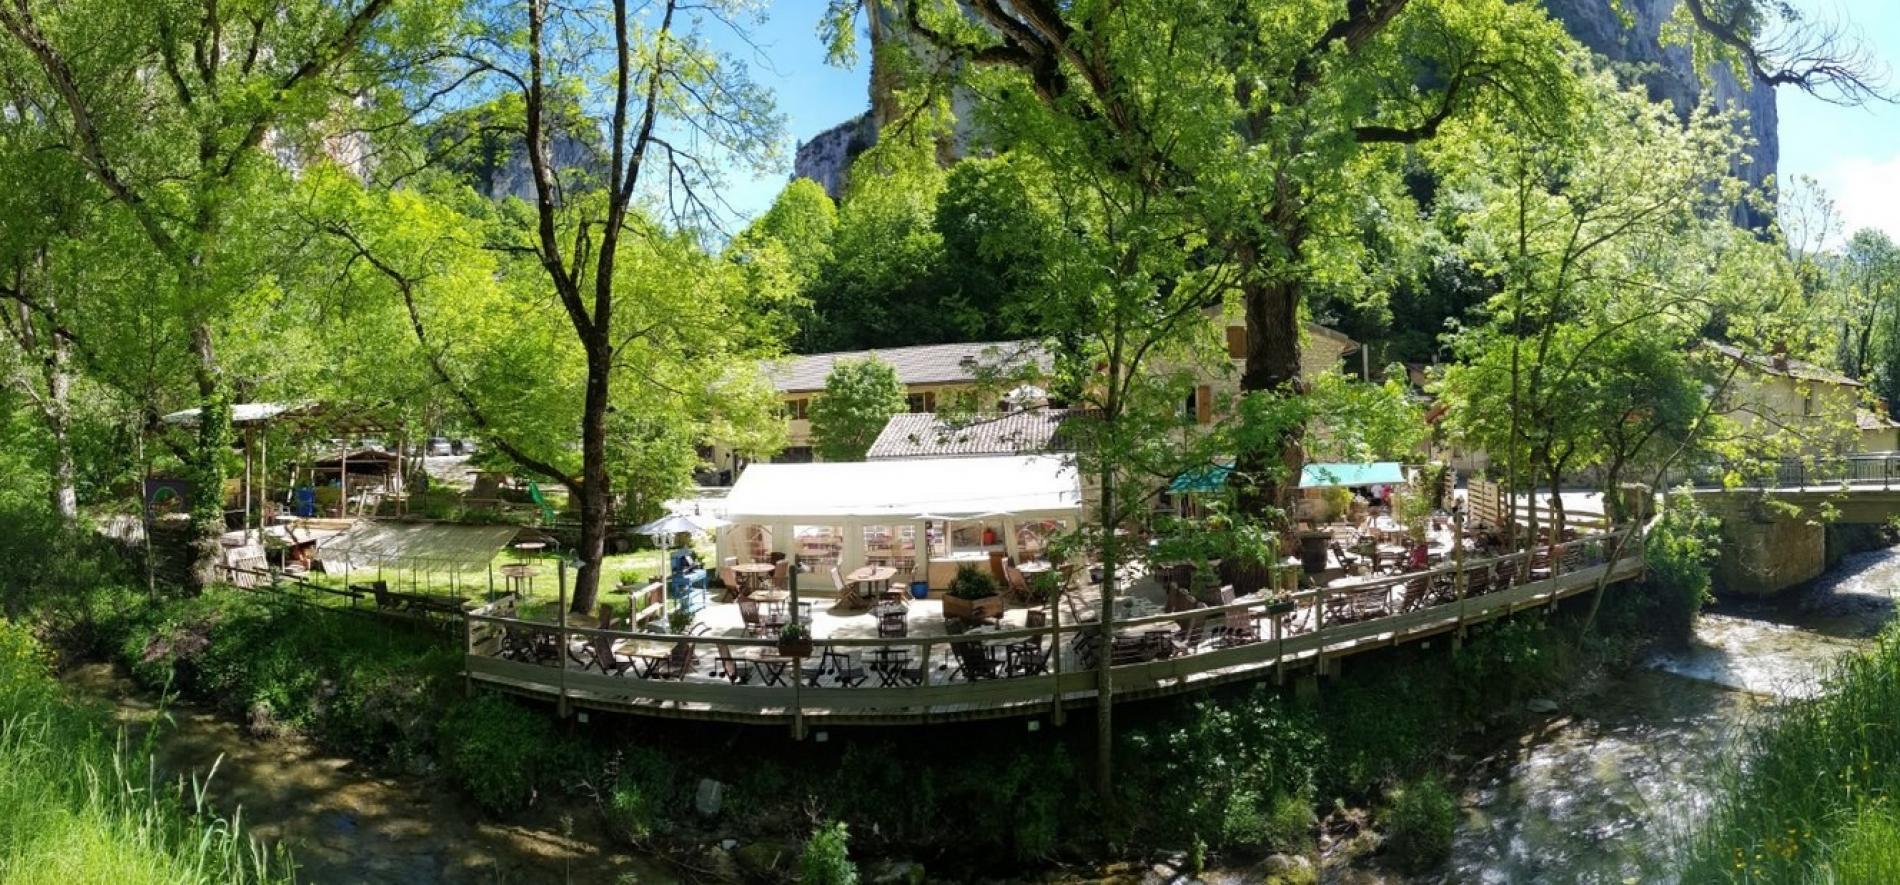 Hôtel-restaurant en pleine nature pour week-end entre amis avec les enfants